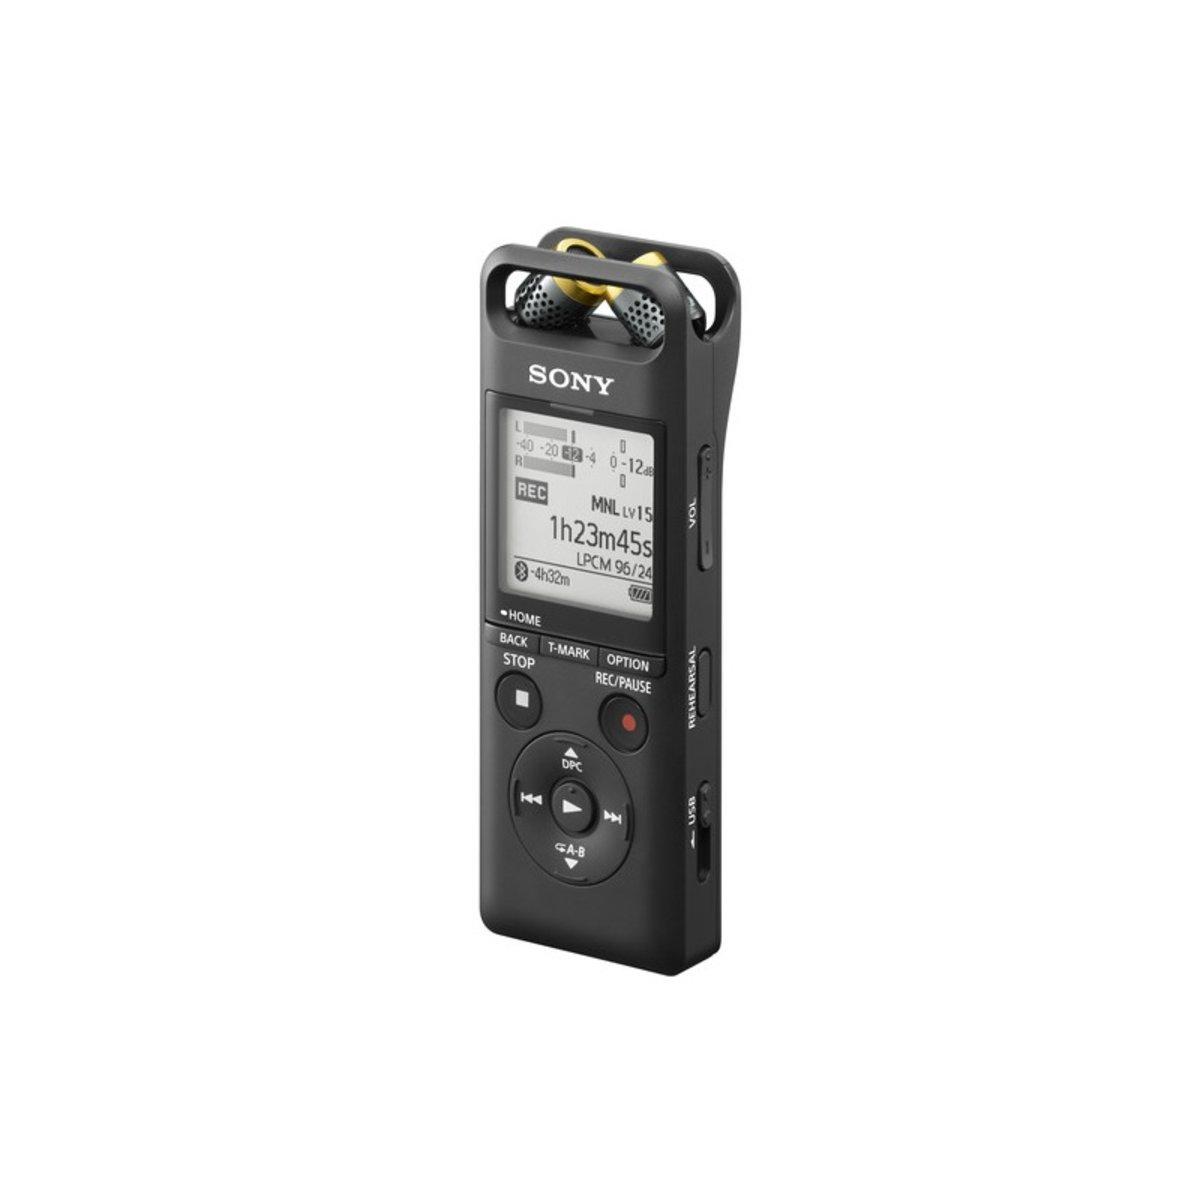 LINER PCM RECORDER PCM-A10